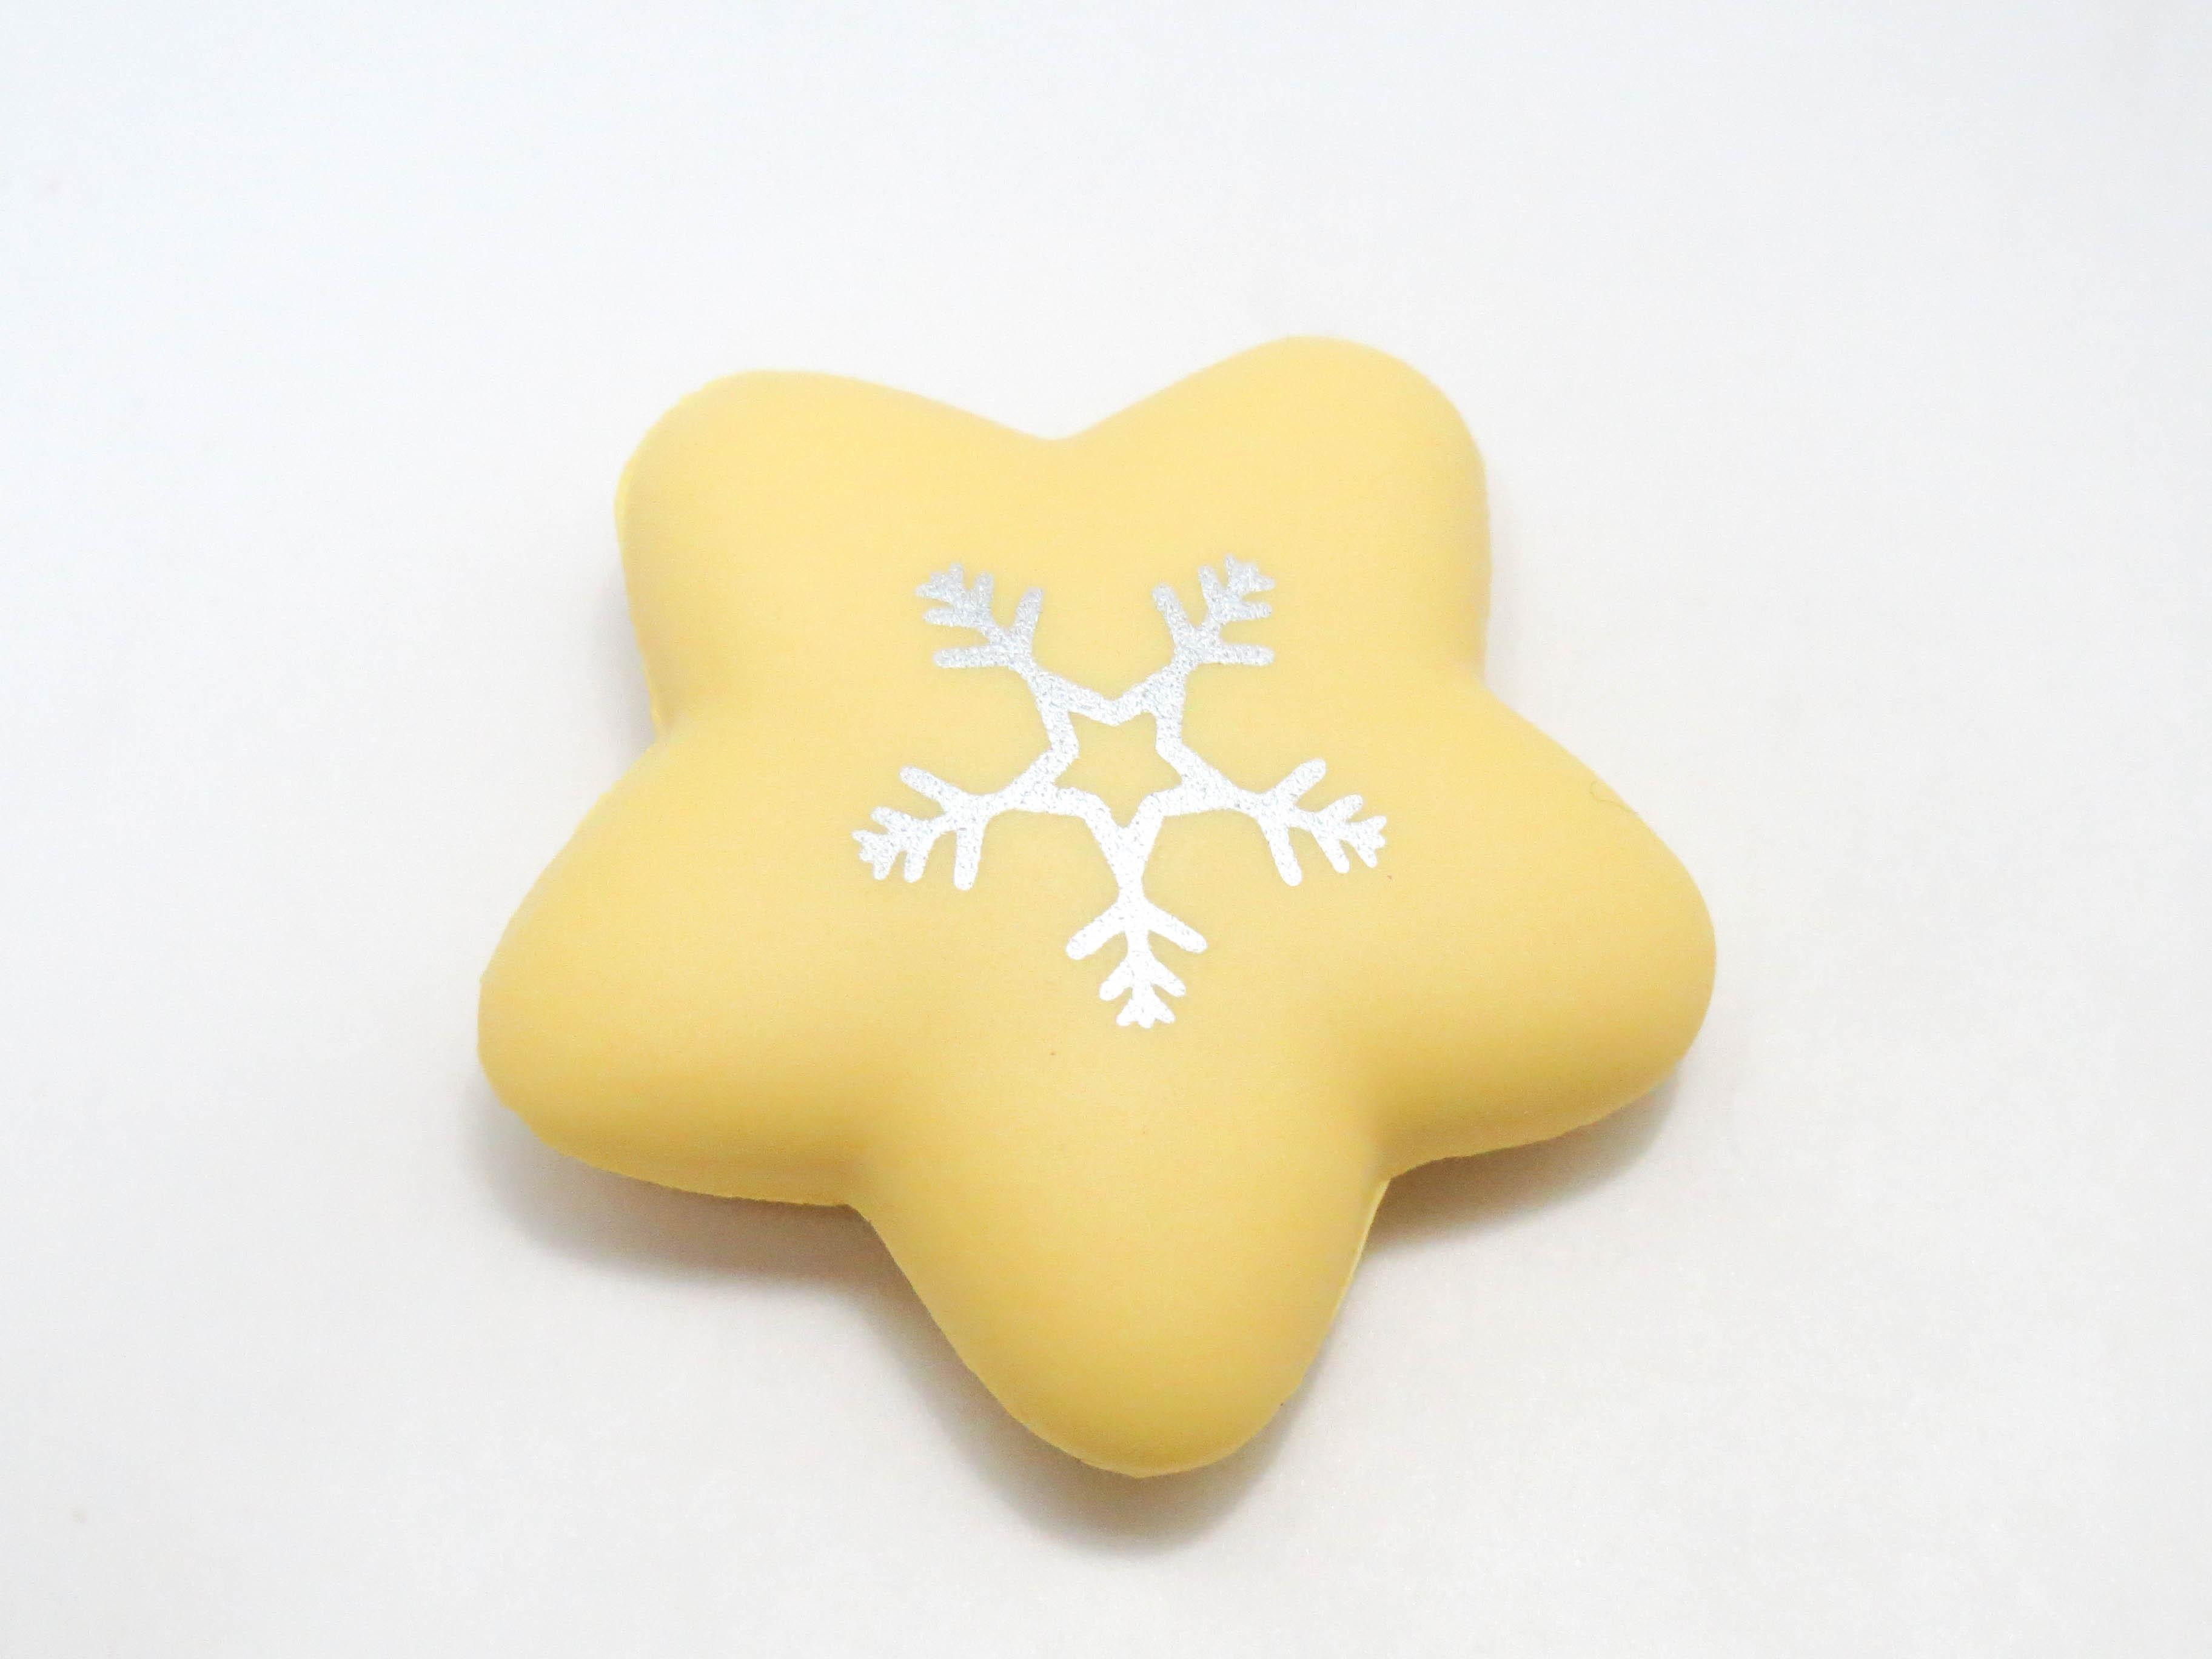 再入荷【701】 雪ミク Twinkle Snow Ver. 小物パーツ 星のクッション ねんどろいど